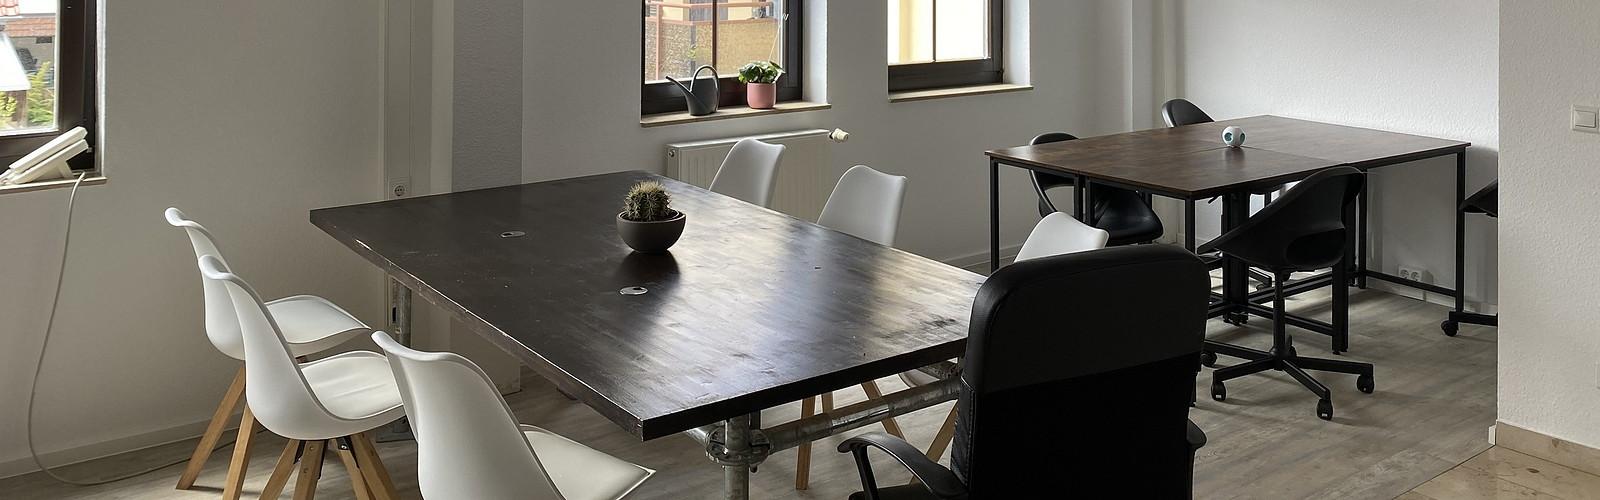 Shared-Desk-Bereich, Foto: KR Krisensicher Risikoberatung GmbH, Lizenz: KR Krisensicher Risikoberatung GmbH